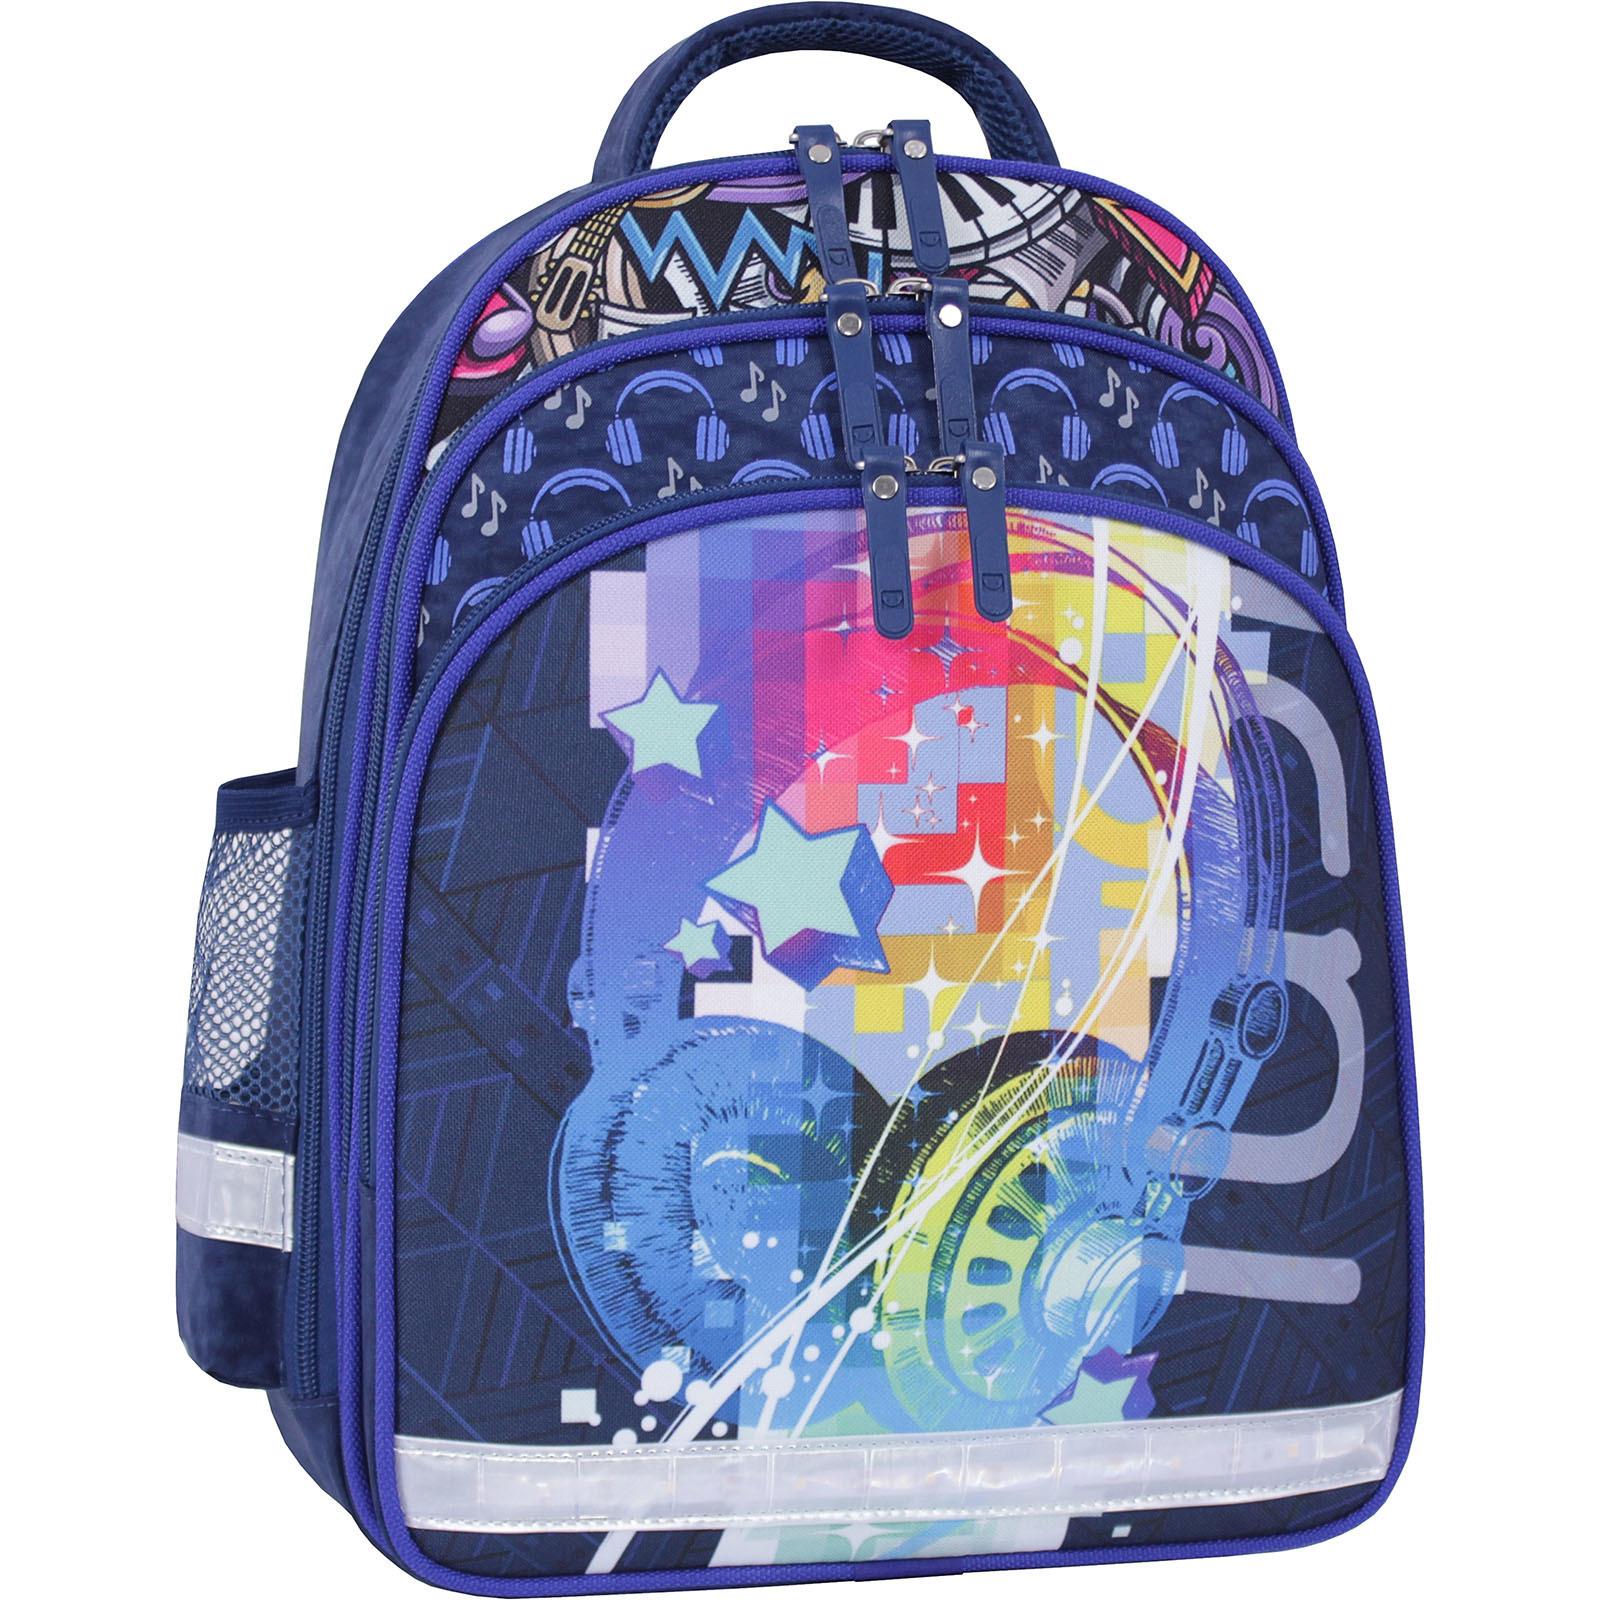 Детские рюкзаки Рюкзак школьный Bagland Mouse 225 синий 614 (0051370) IMG_9975_суб.614_.JPG